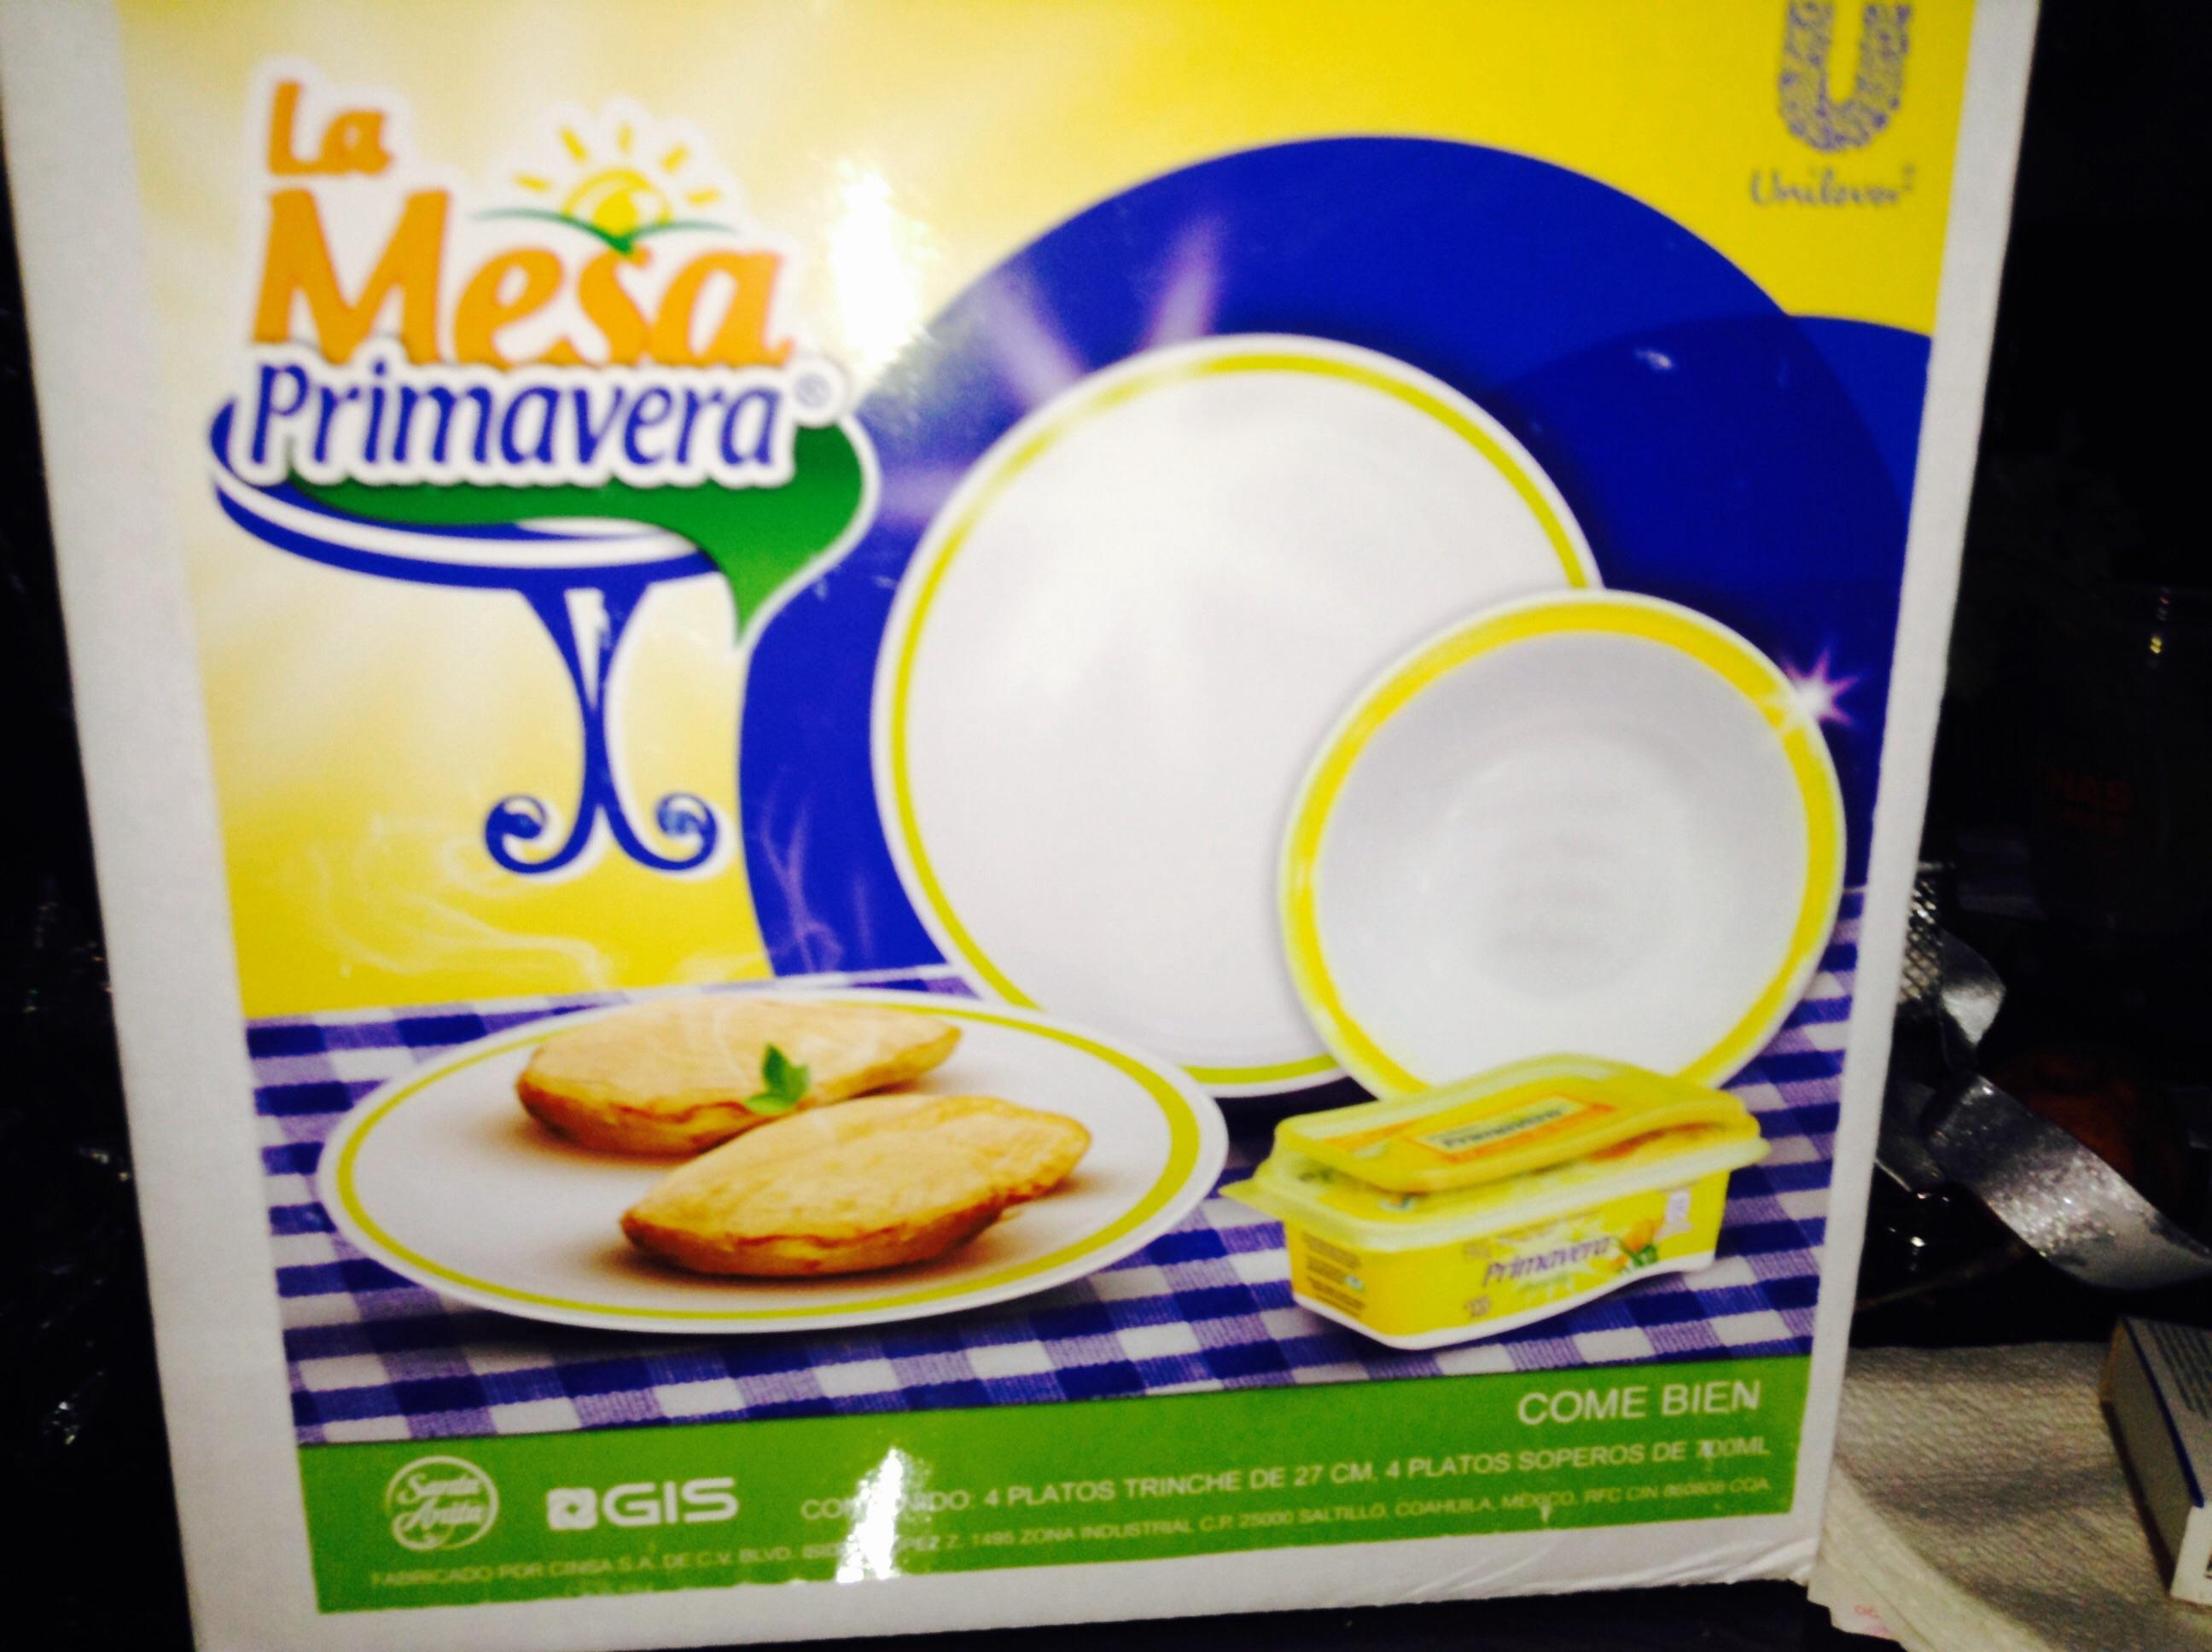 Walmart: Vajilla GRATIS en la compra de $150 en Margarina Primavera